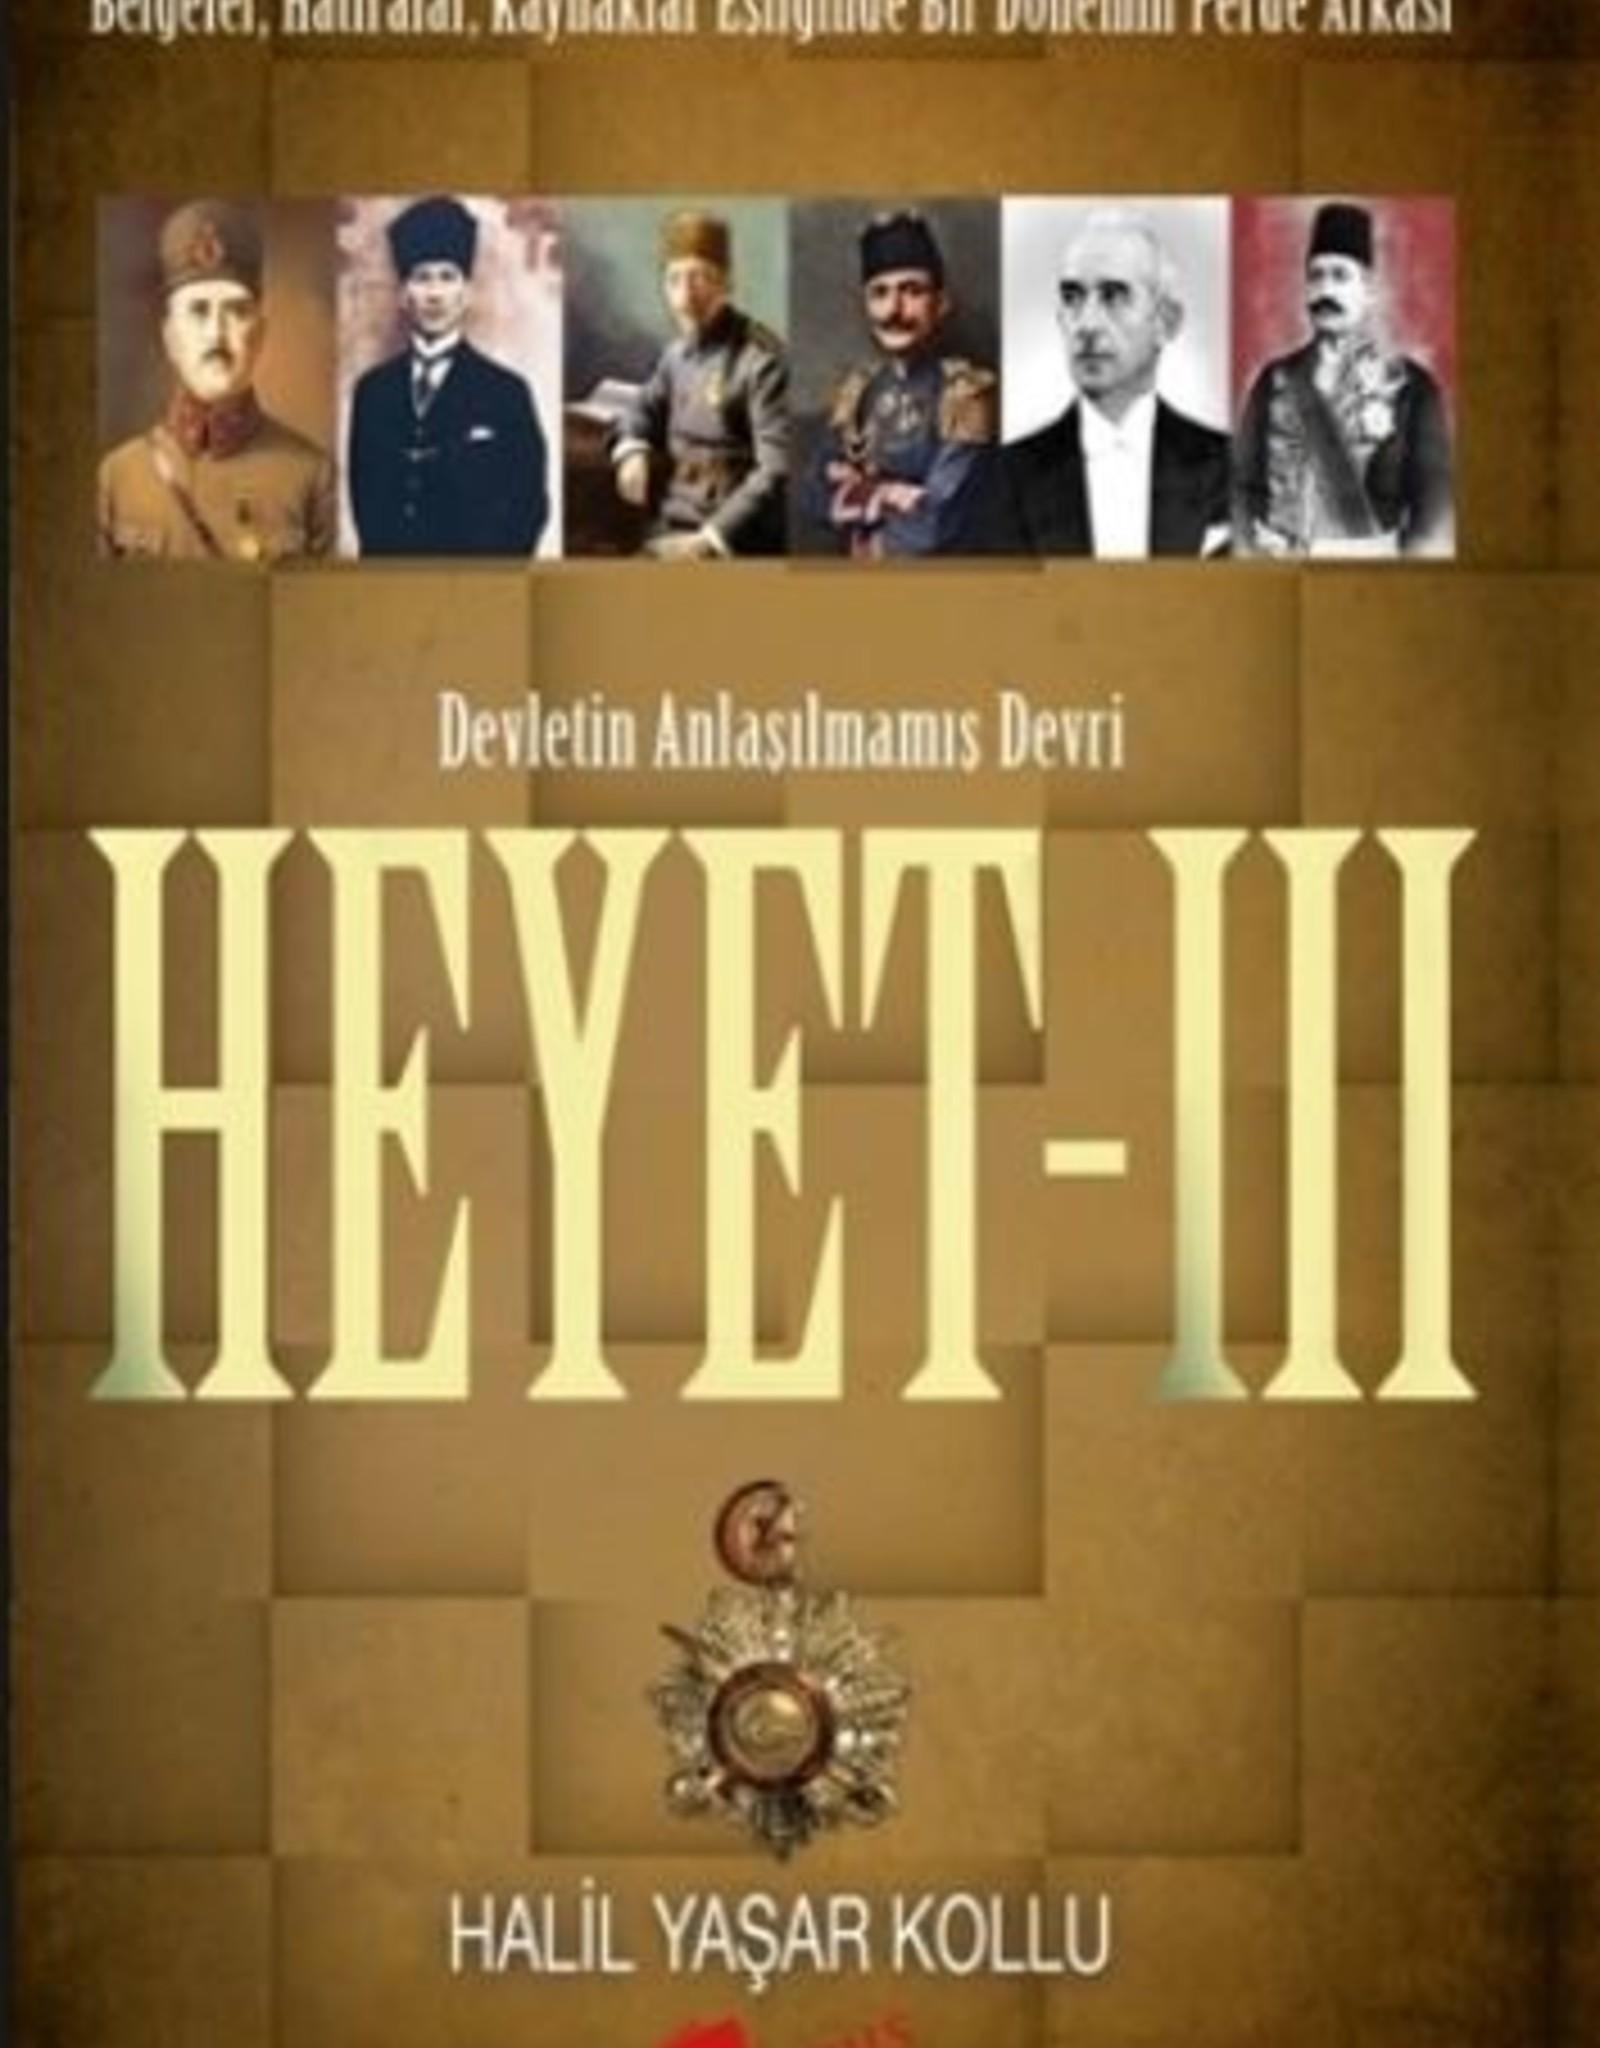 Heyet 3